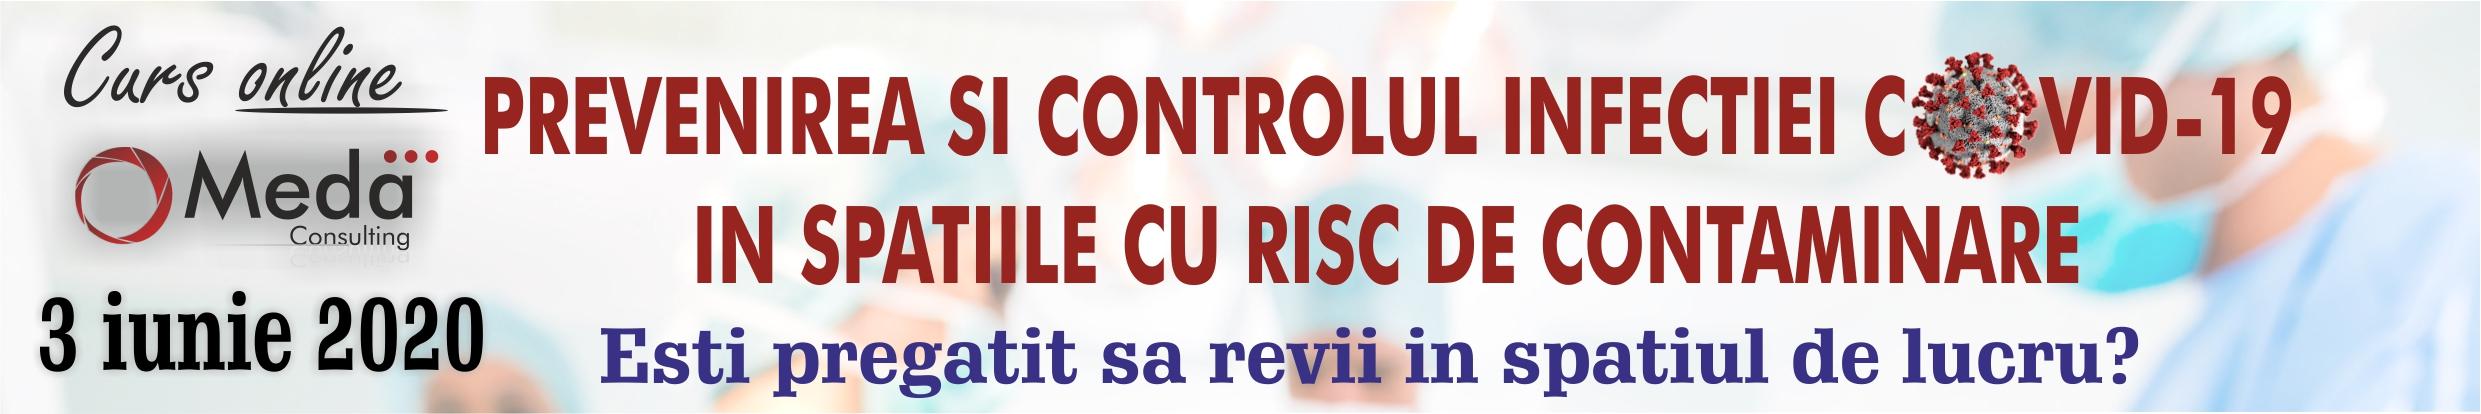 prevenirea si controlul infectiei covid19 sars cov2 in spatiile cu risc de contaminare